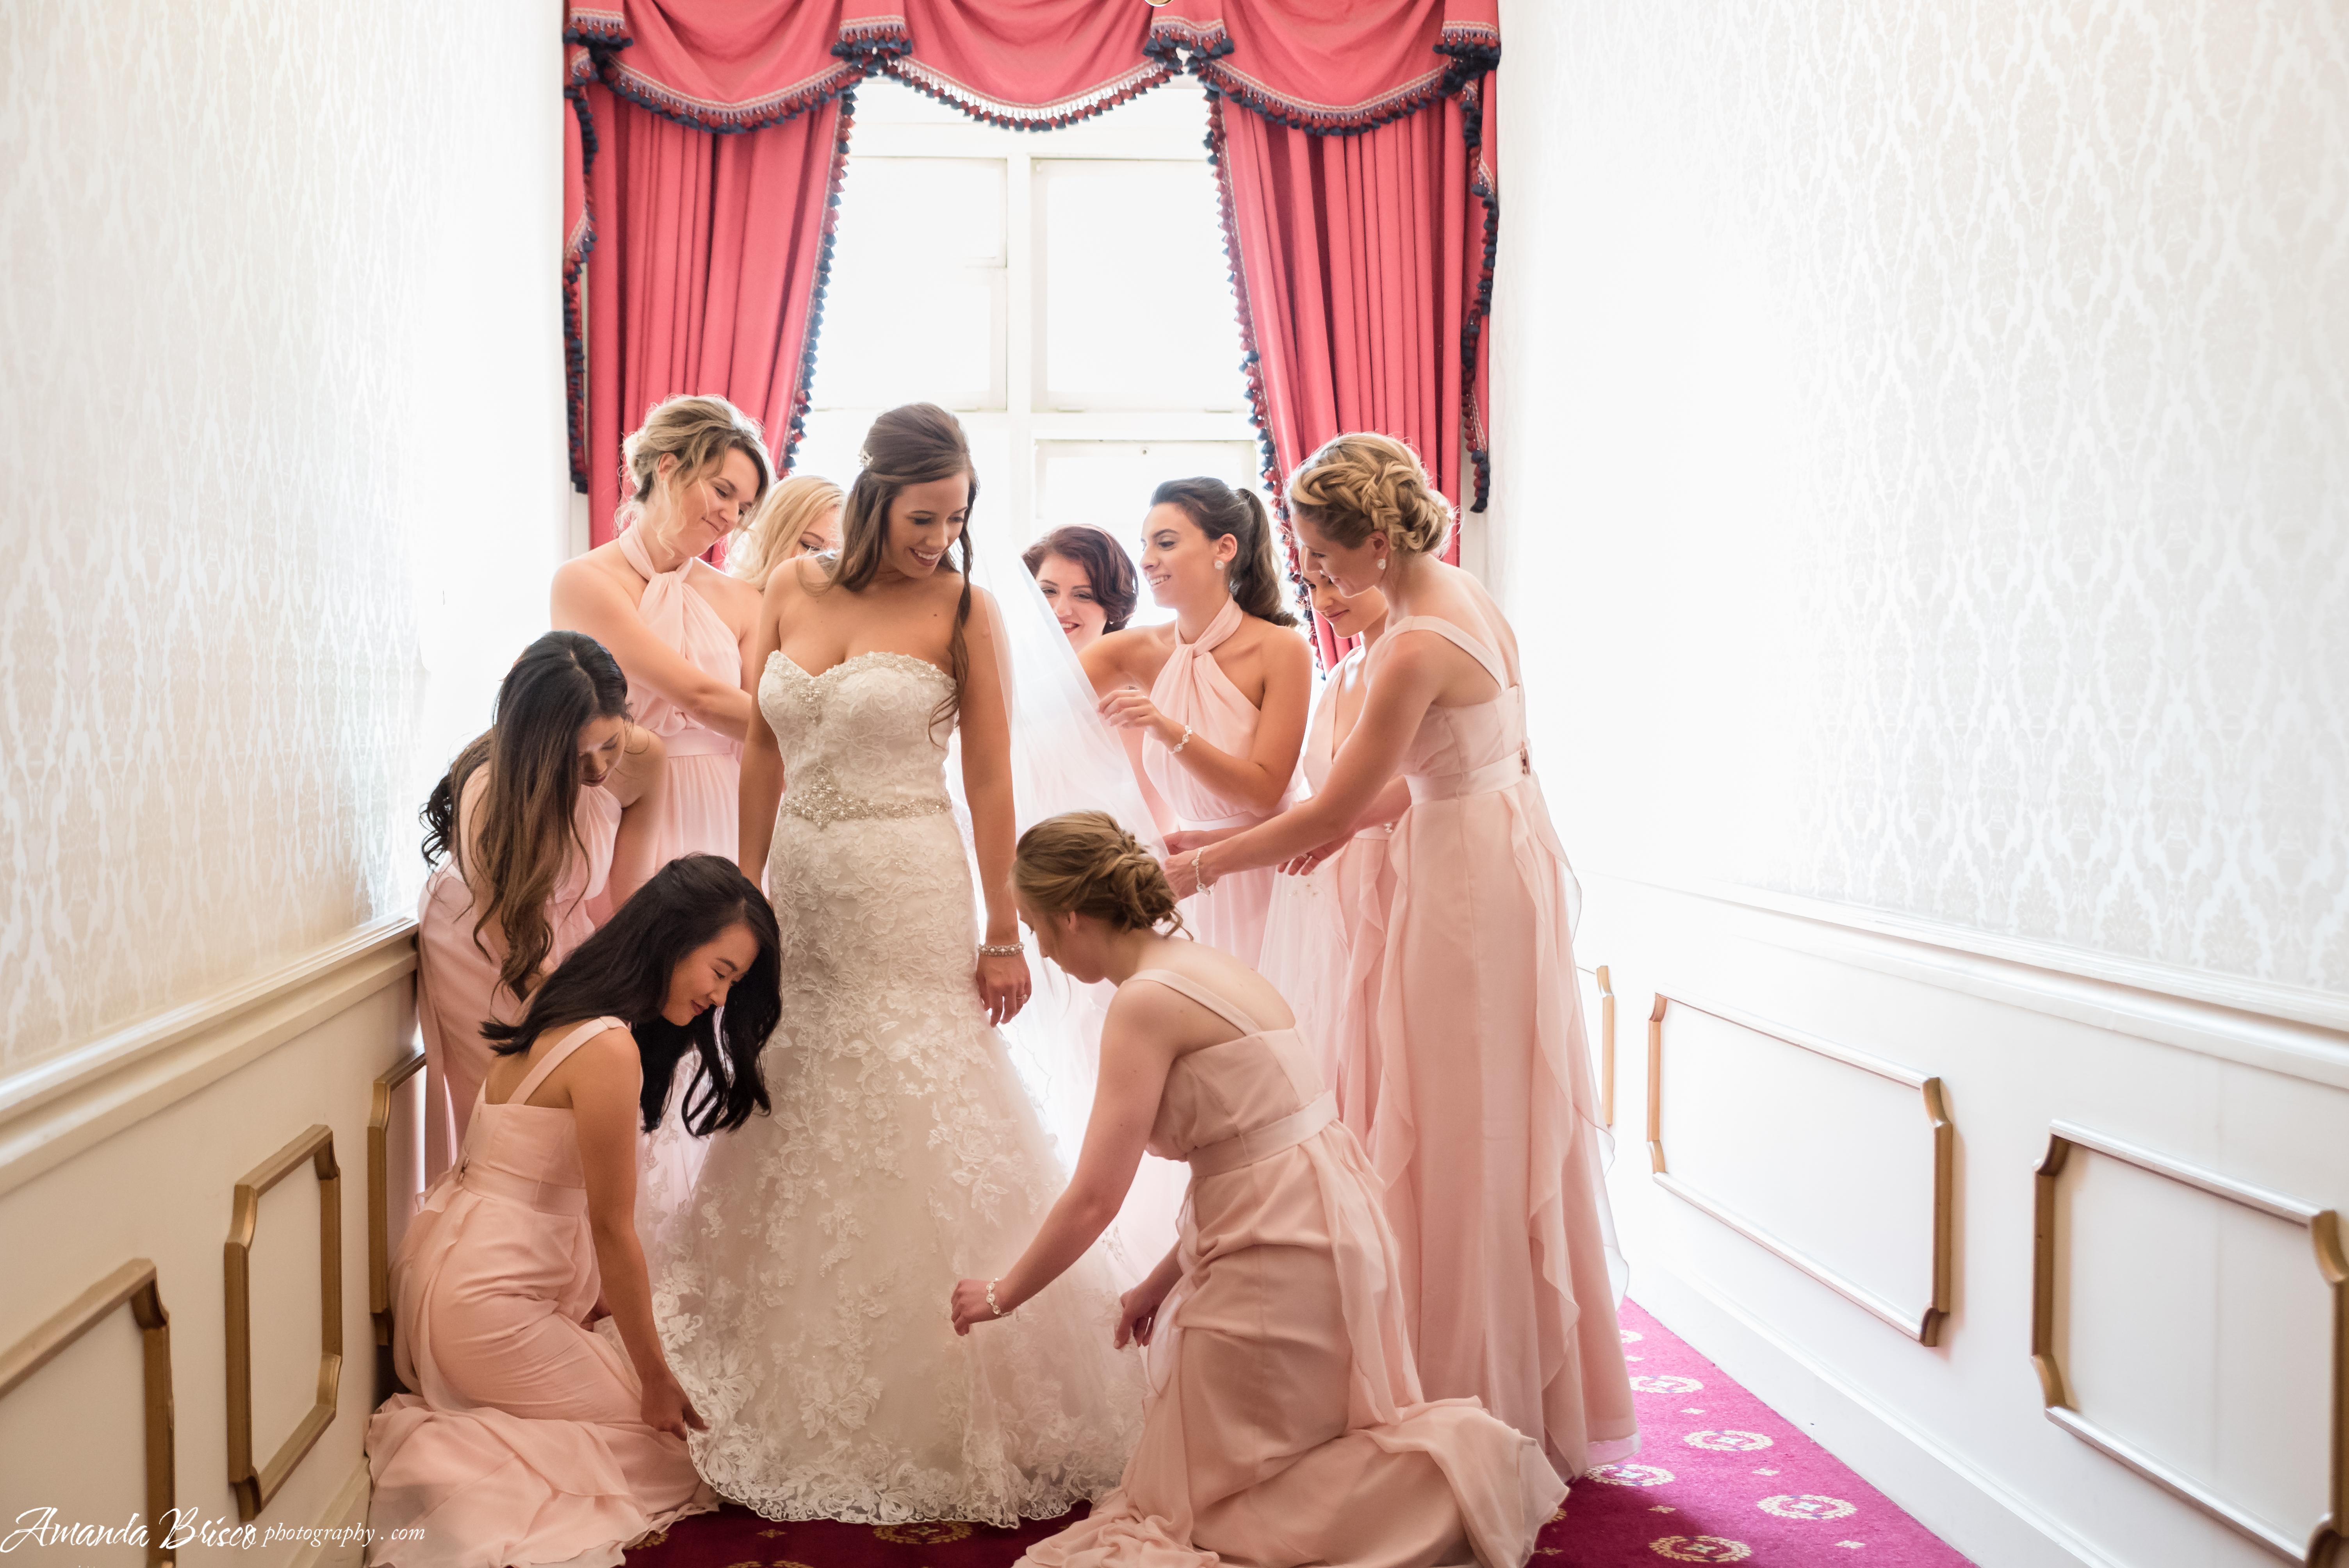 Amanda Brisco Photography bridesmaids getting bride ready bridesmaidsconfession.com